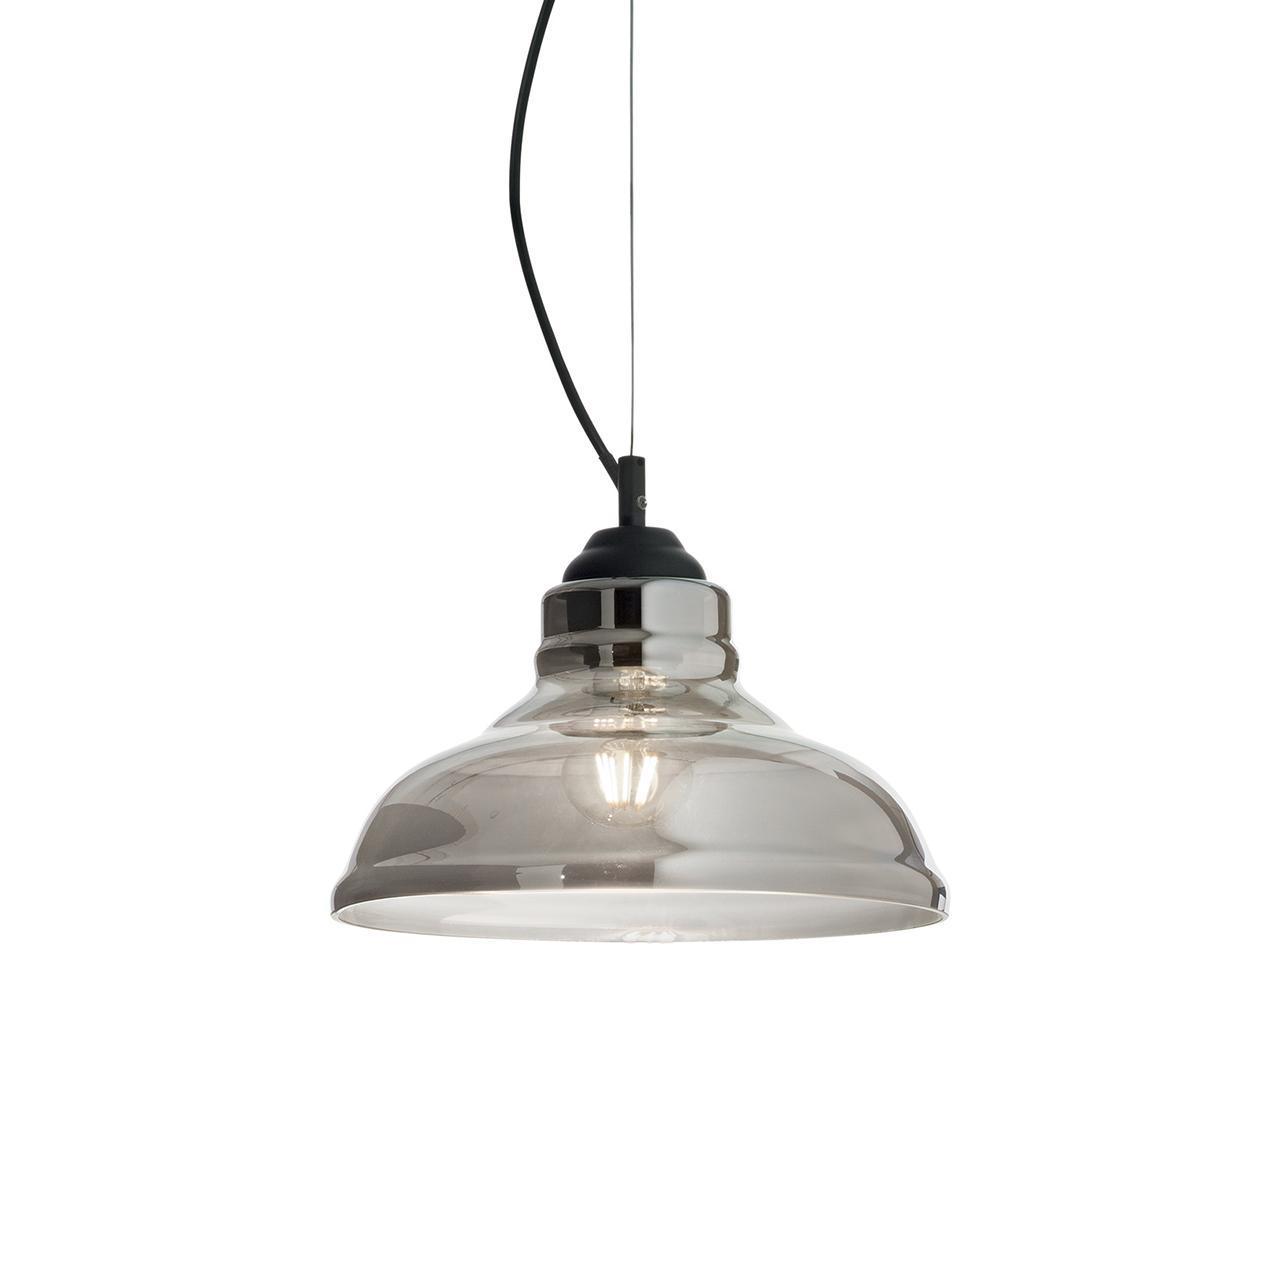 Подвесной светильник Ideal Lux Bistro SP1 PLate Fume namat подвесной светильник ideal lux cage sp1 plate